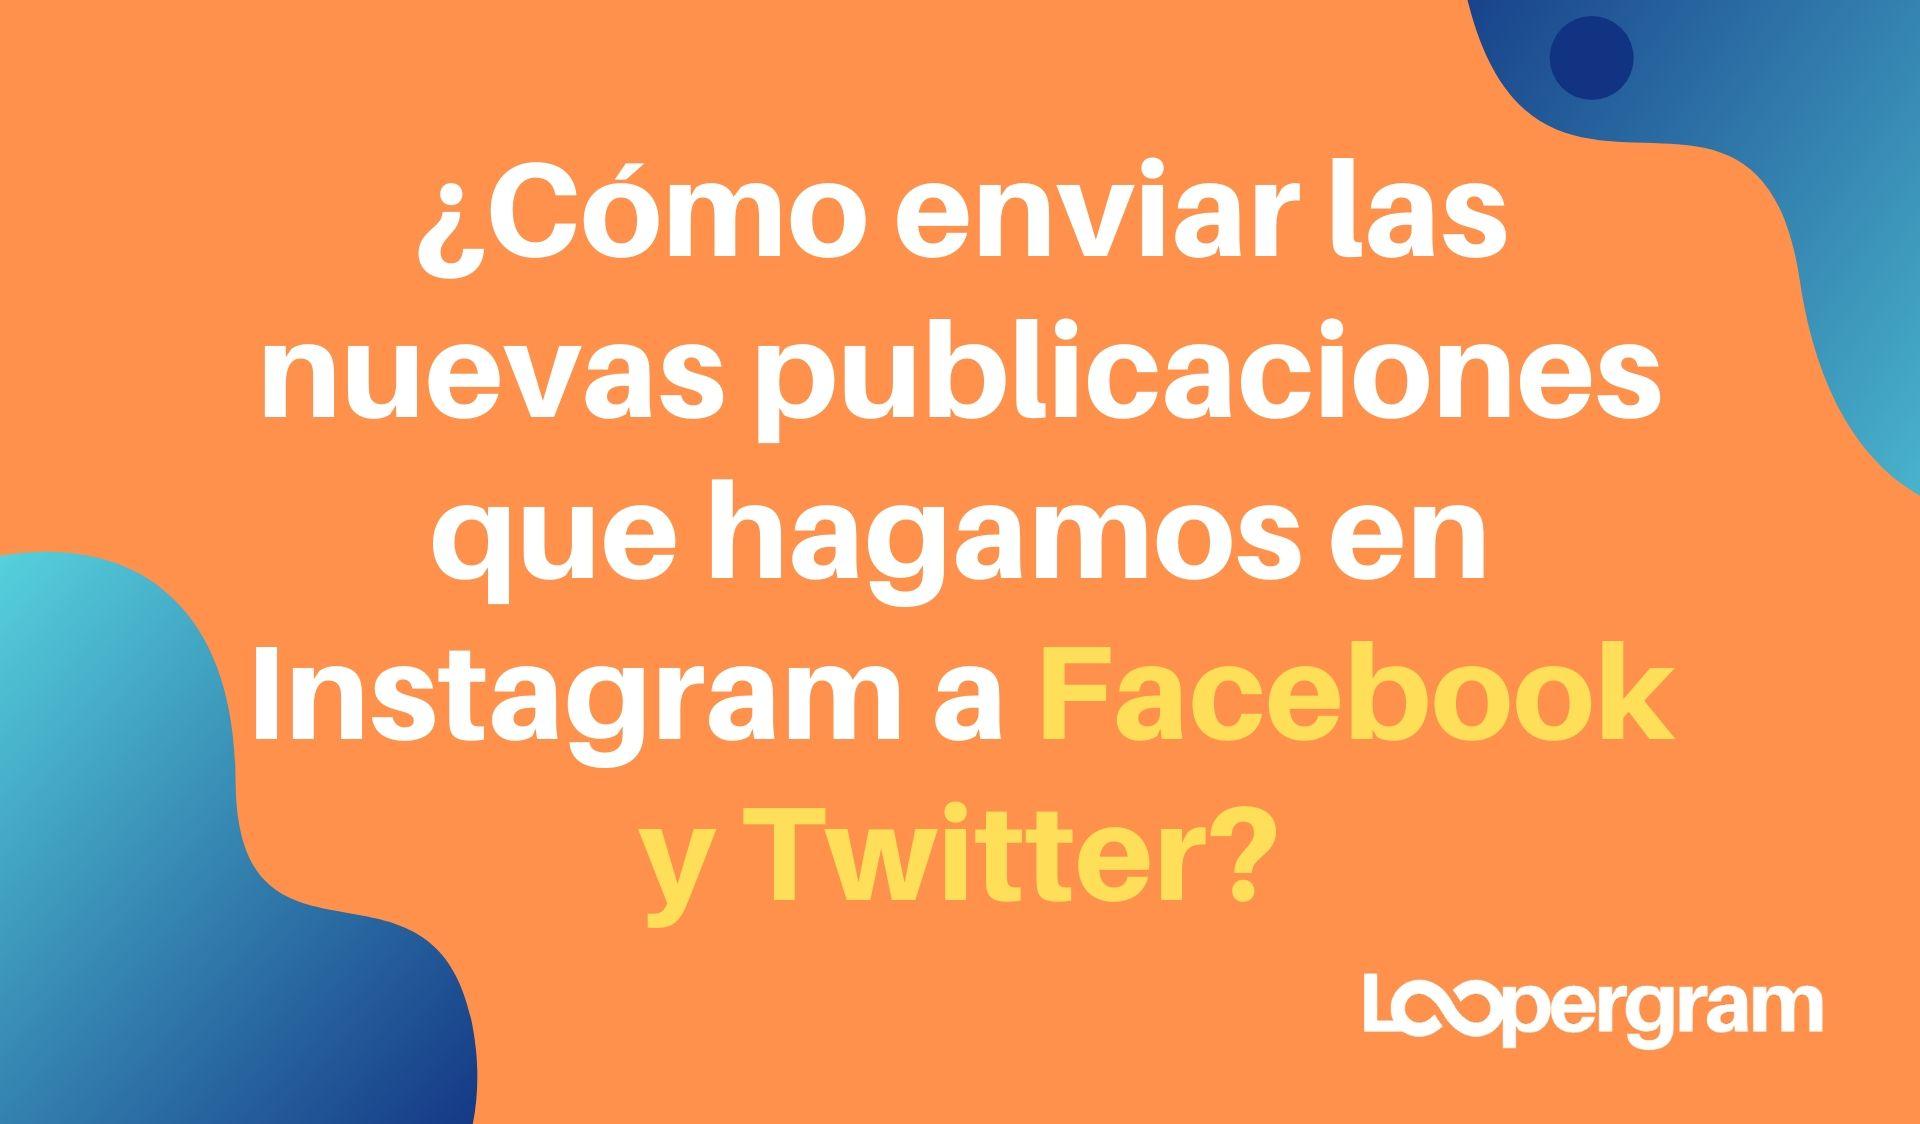 Cómo enviar las nuevas publicaciones que hagamos en Instagram a Facebook y Twitter